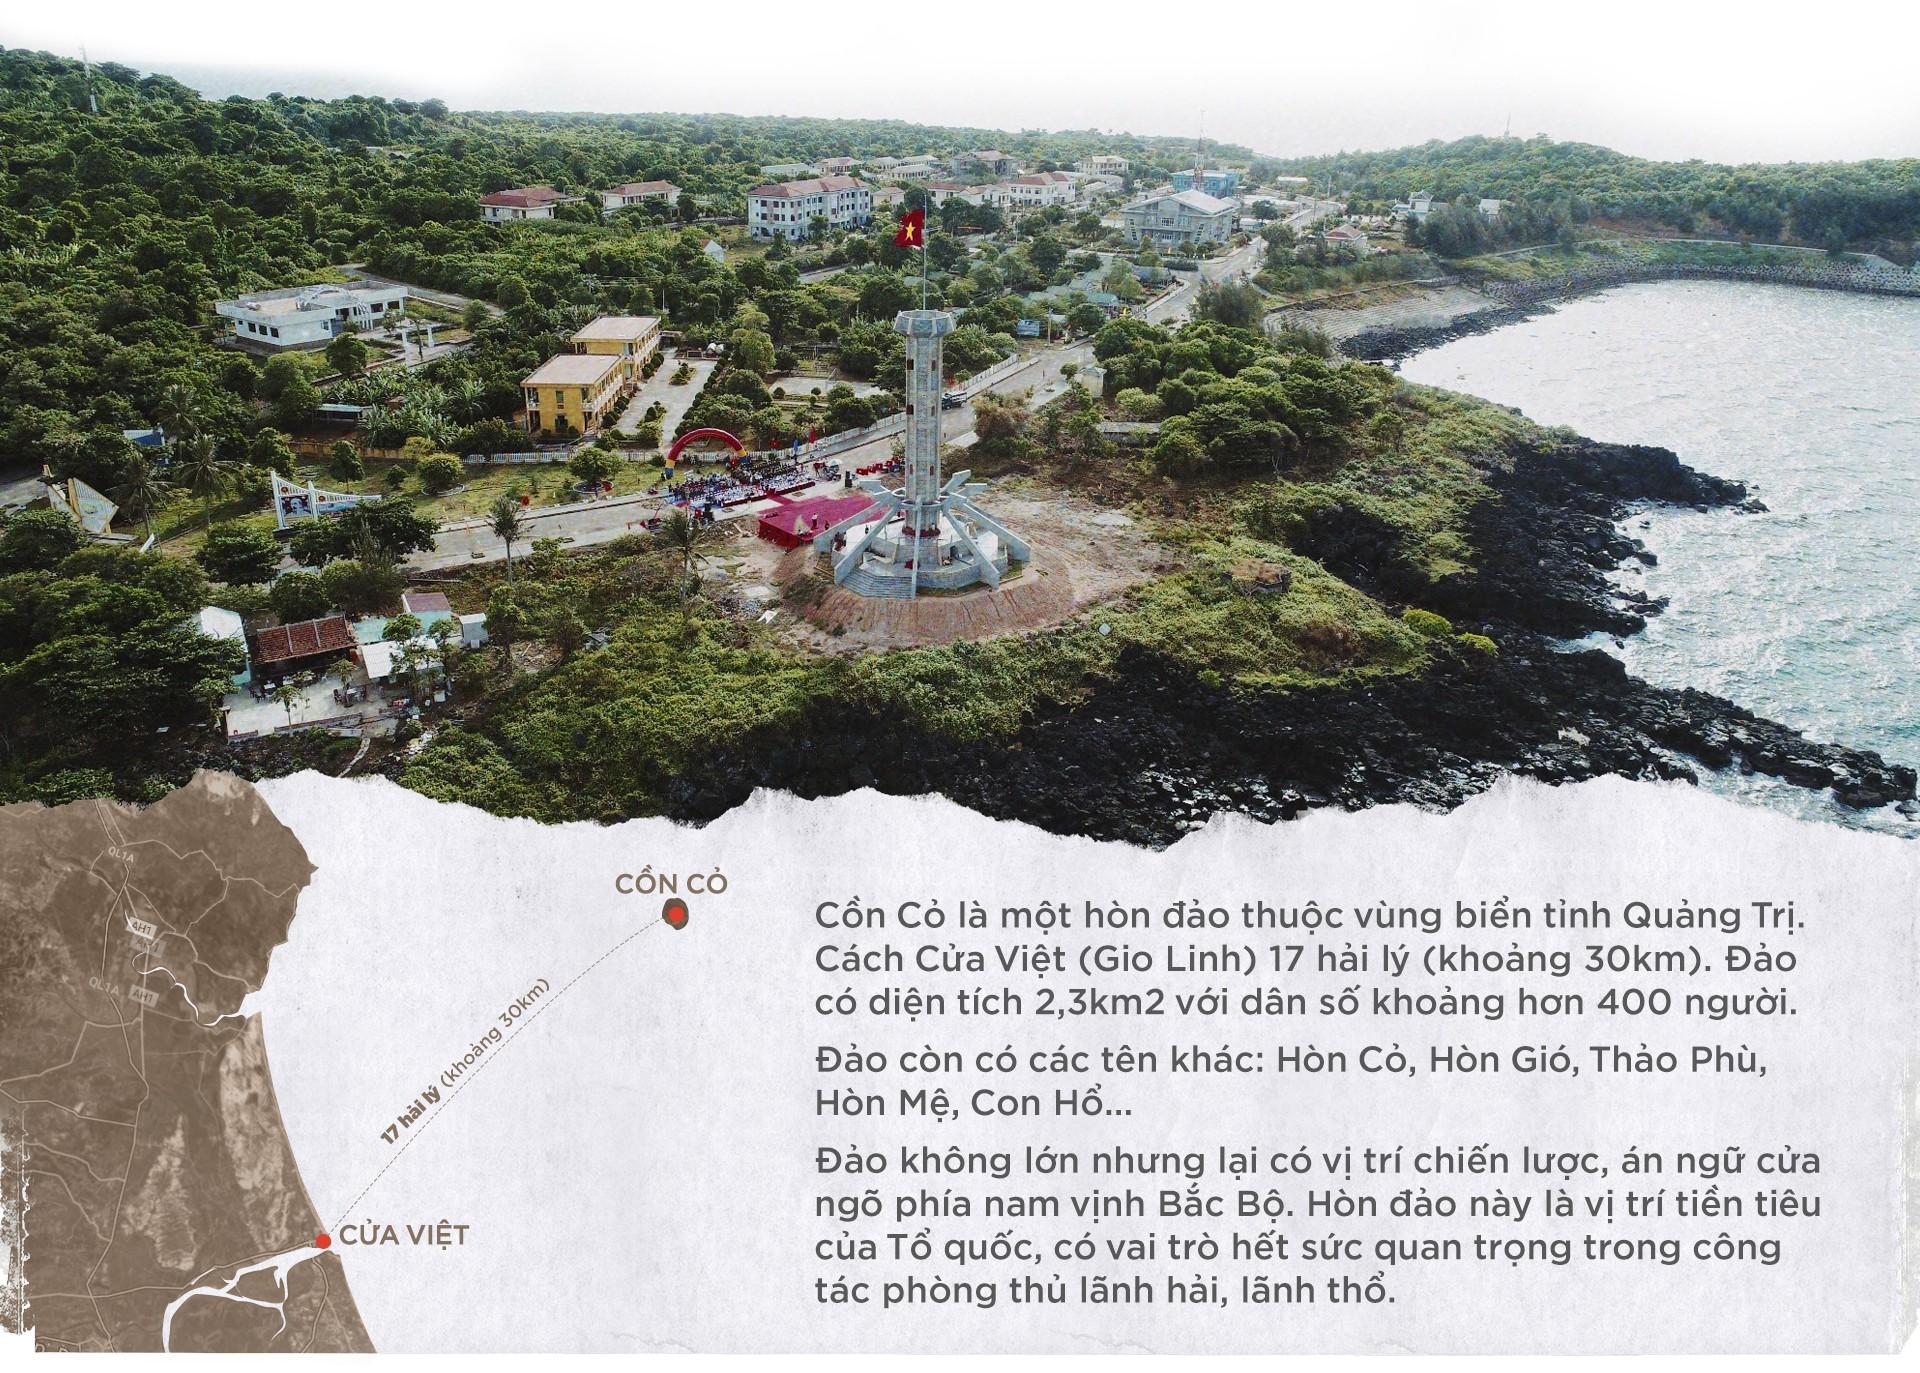 Cồn Cỏ - từ đảo thép thành đảo ngọc - Ảnh 1.